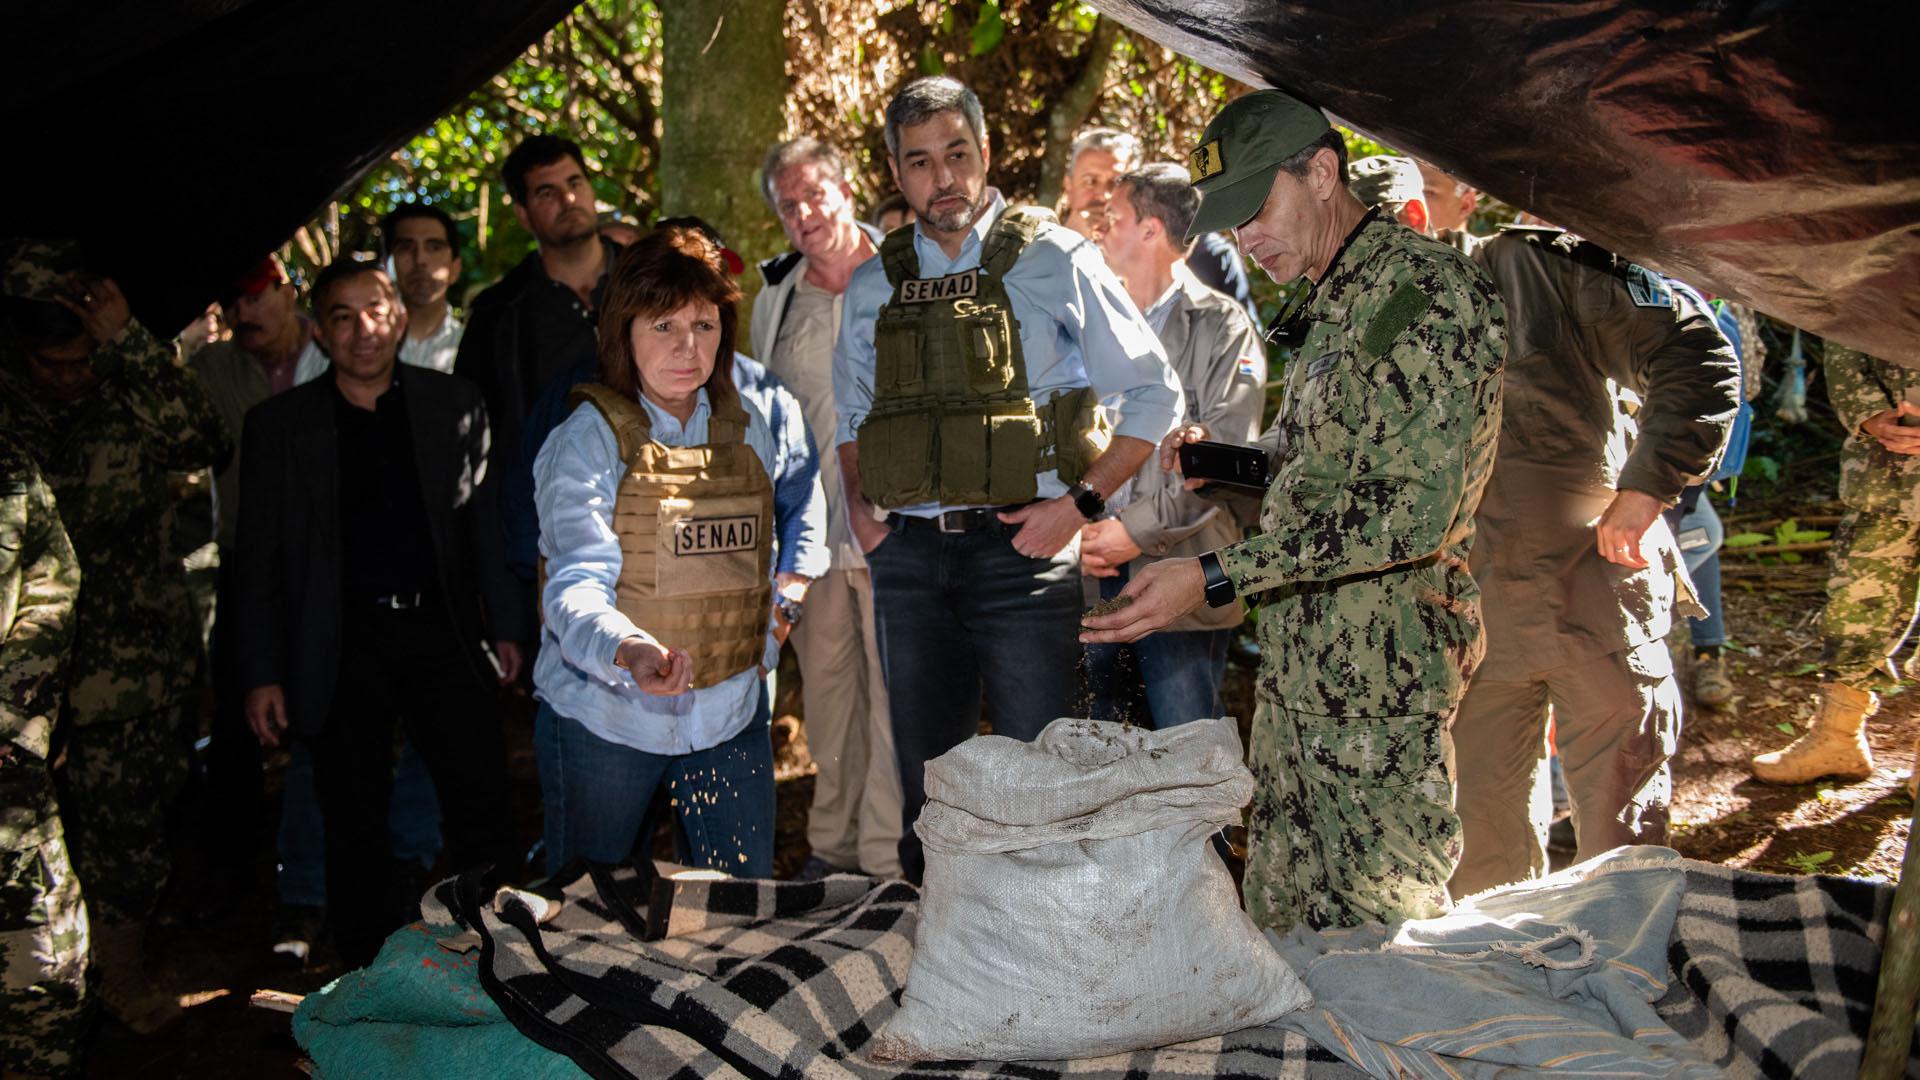 Bullrich y Abdo Jimenez en el campamento de los cosecheros. Arriesgan hasta 25 años de cárcel si los detienen.